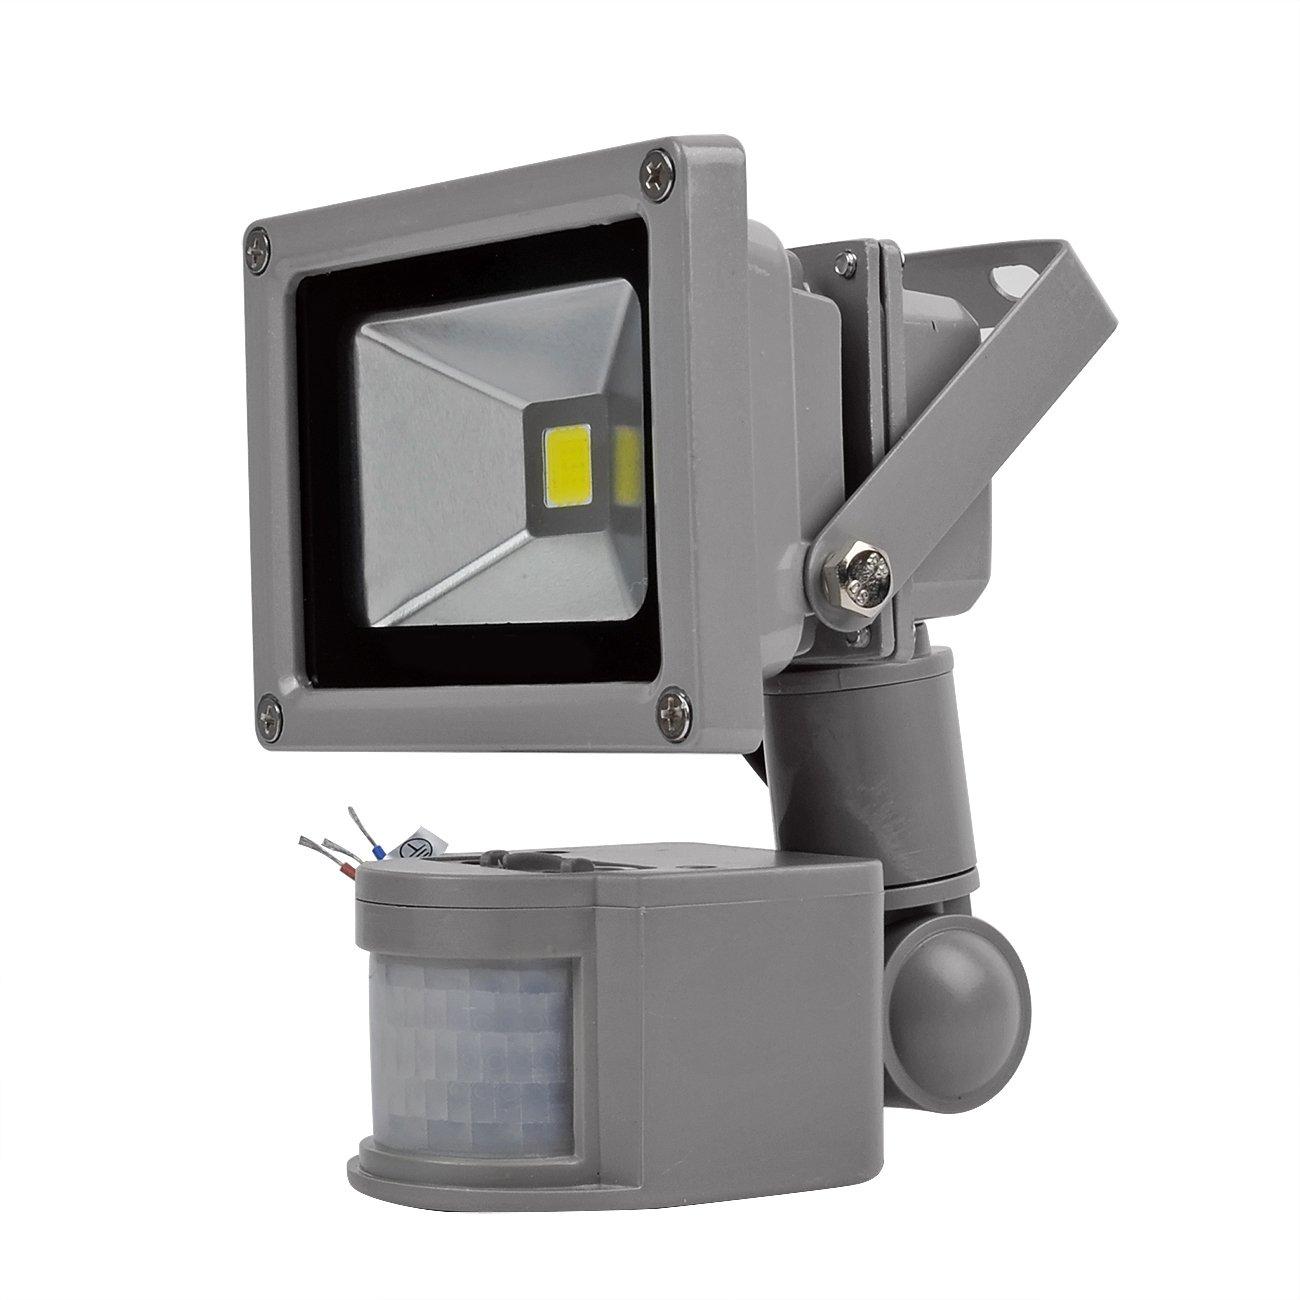 20W Foco LED con Sensor Movimiento,Proyector LED Exterior,Blanco Frio con Detector PIR de IP65(resistente al agua),Iluminación de Exterior y Seguridad para ...